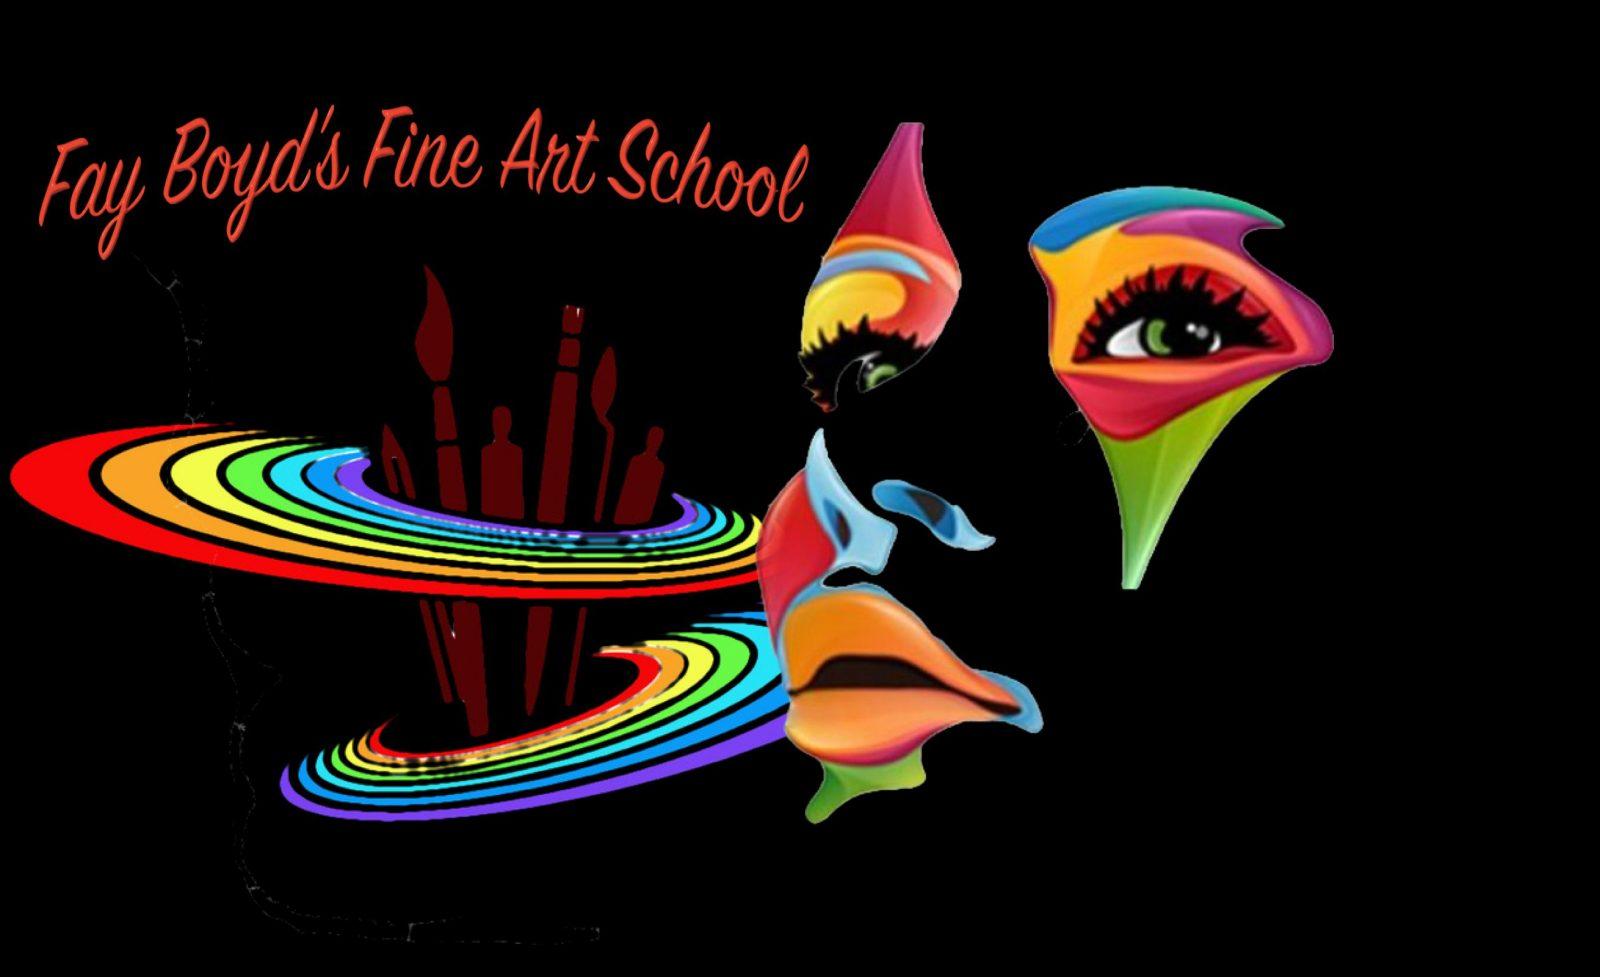 fay-boyds-fine-art-school